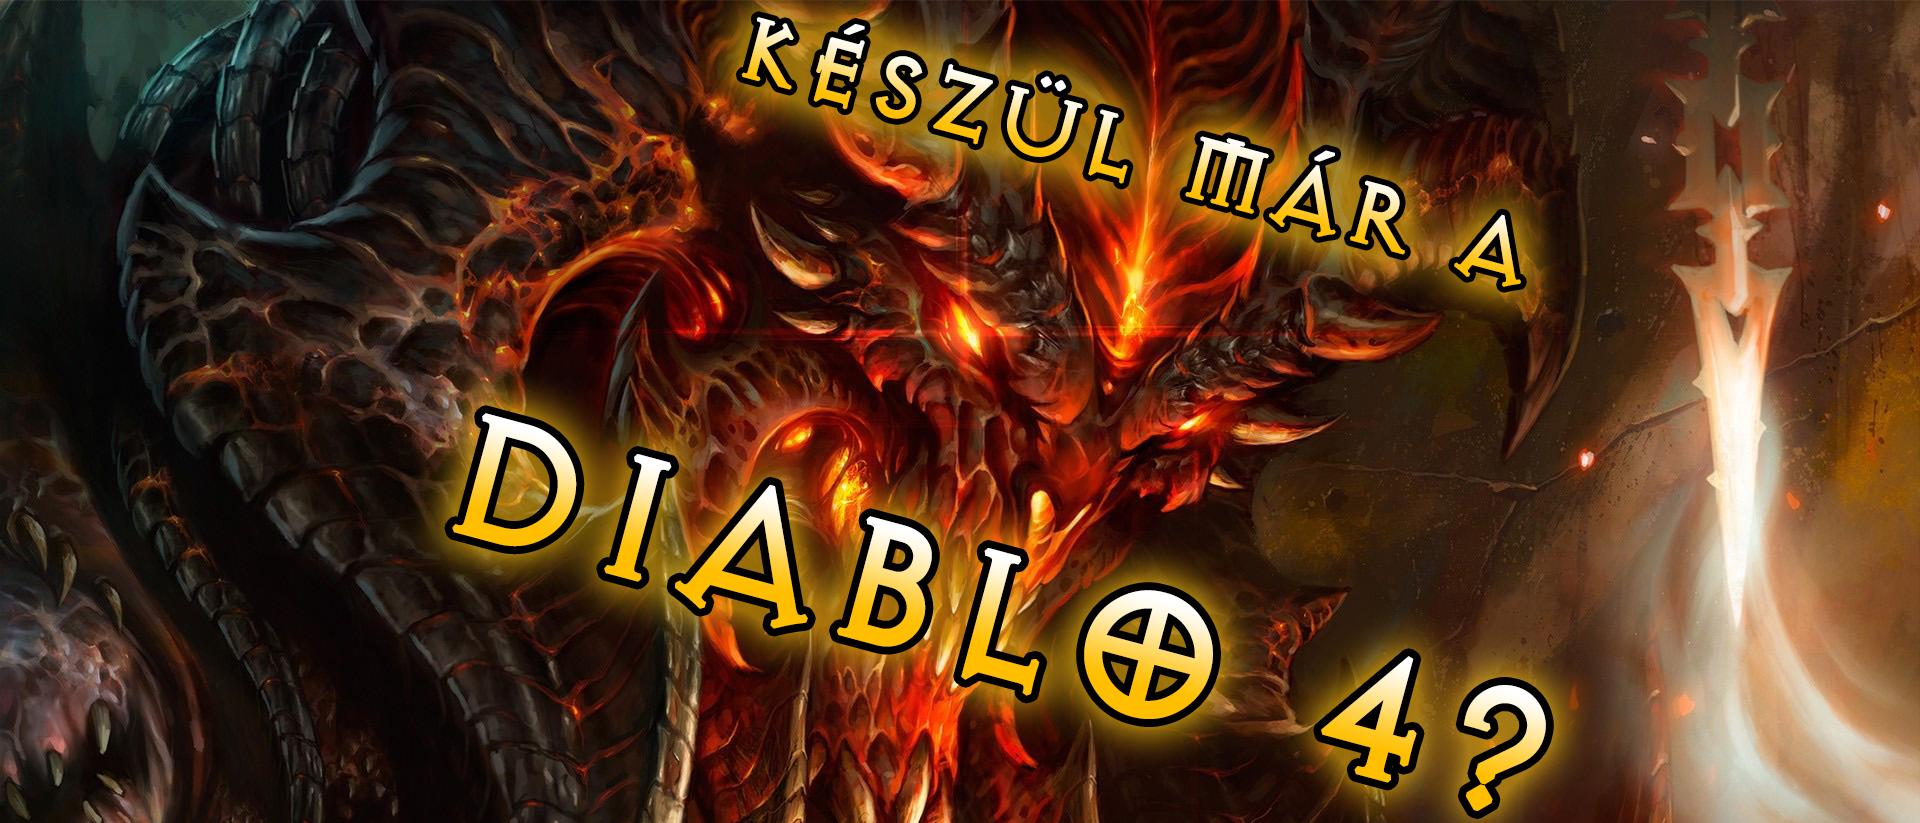 Készül már a Diablo 4?